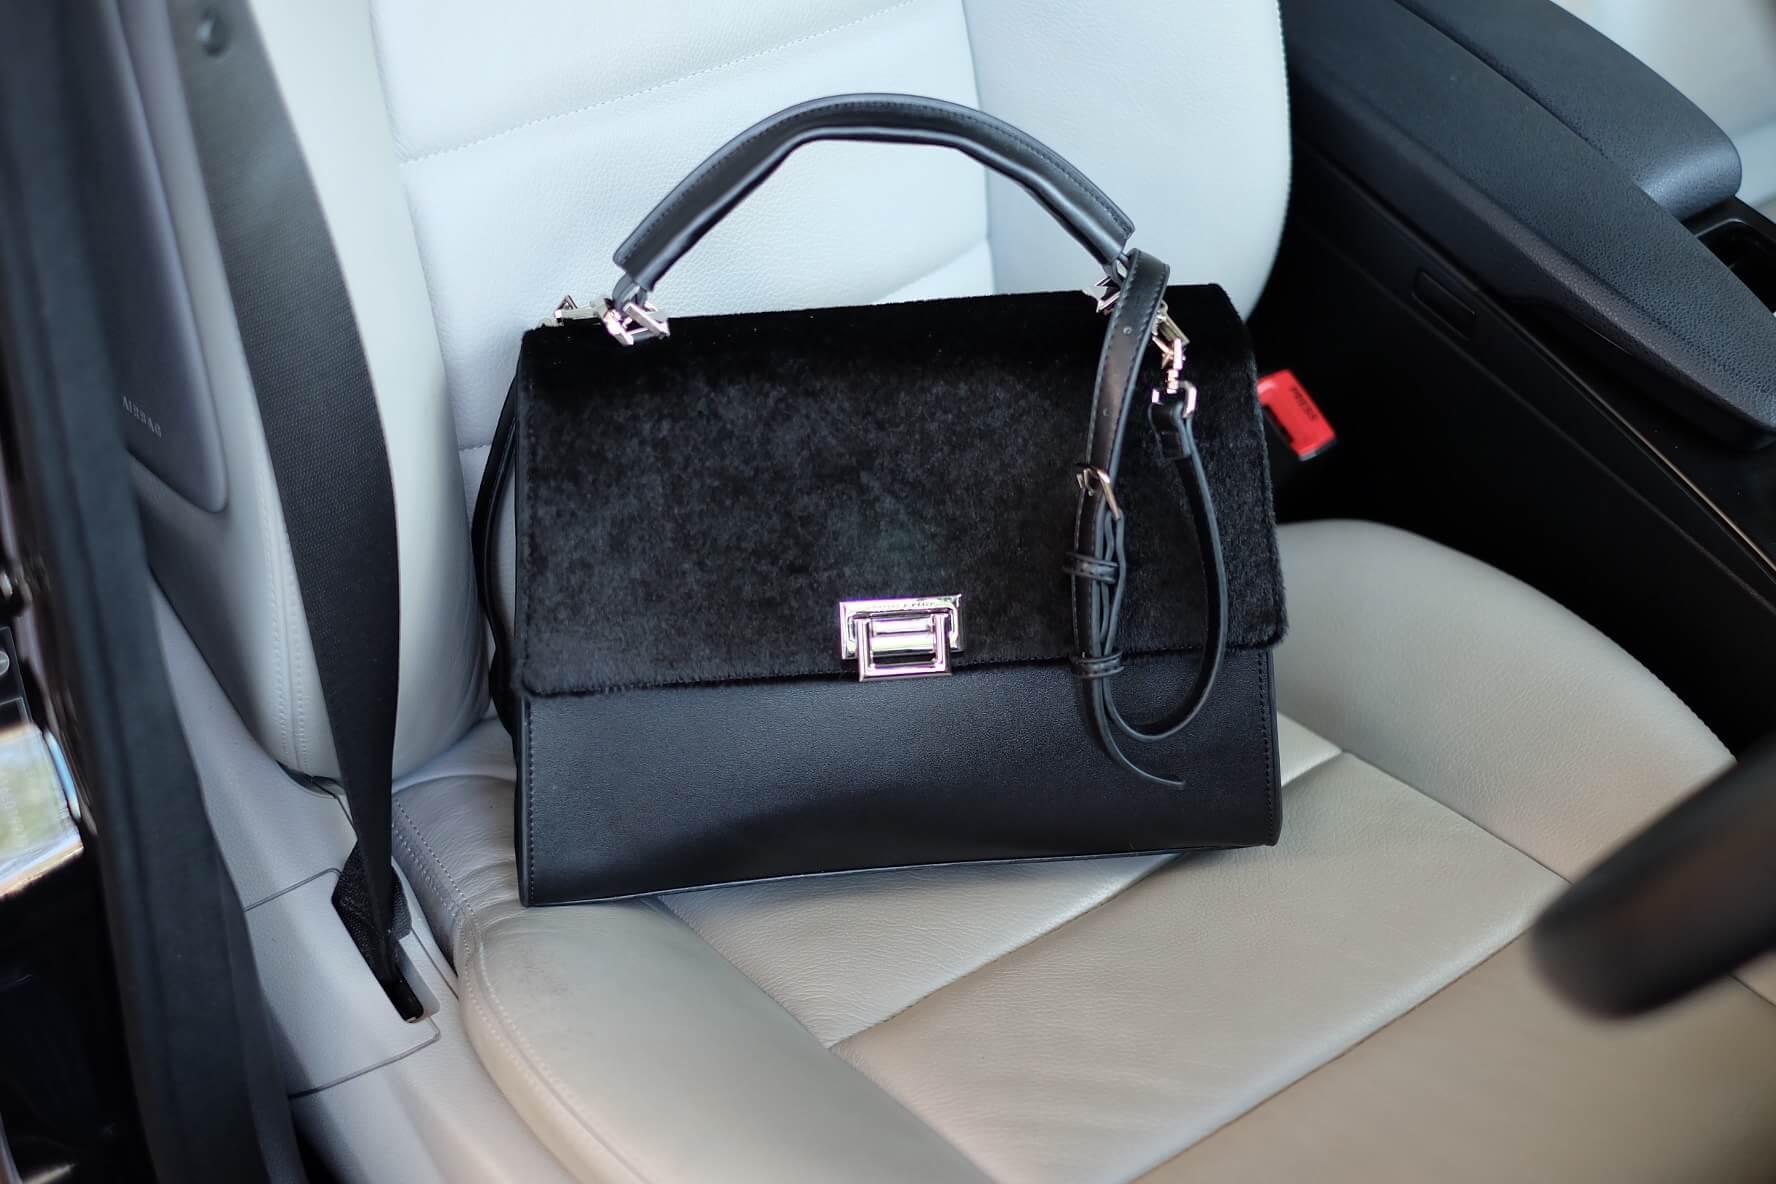 กระเป๋า Charles & Keith PUSHLOCK HANDBAG Black สวย หรู คุ้มเกินราคาคะ ตัวกระเป๋า เป็นหนัง ติดขน fur